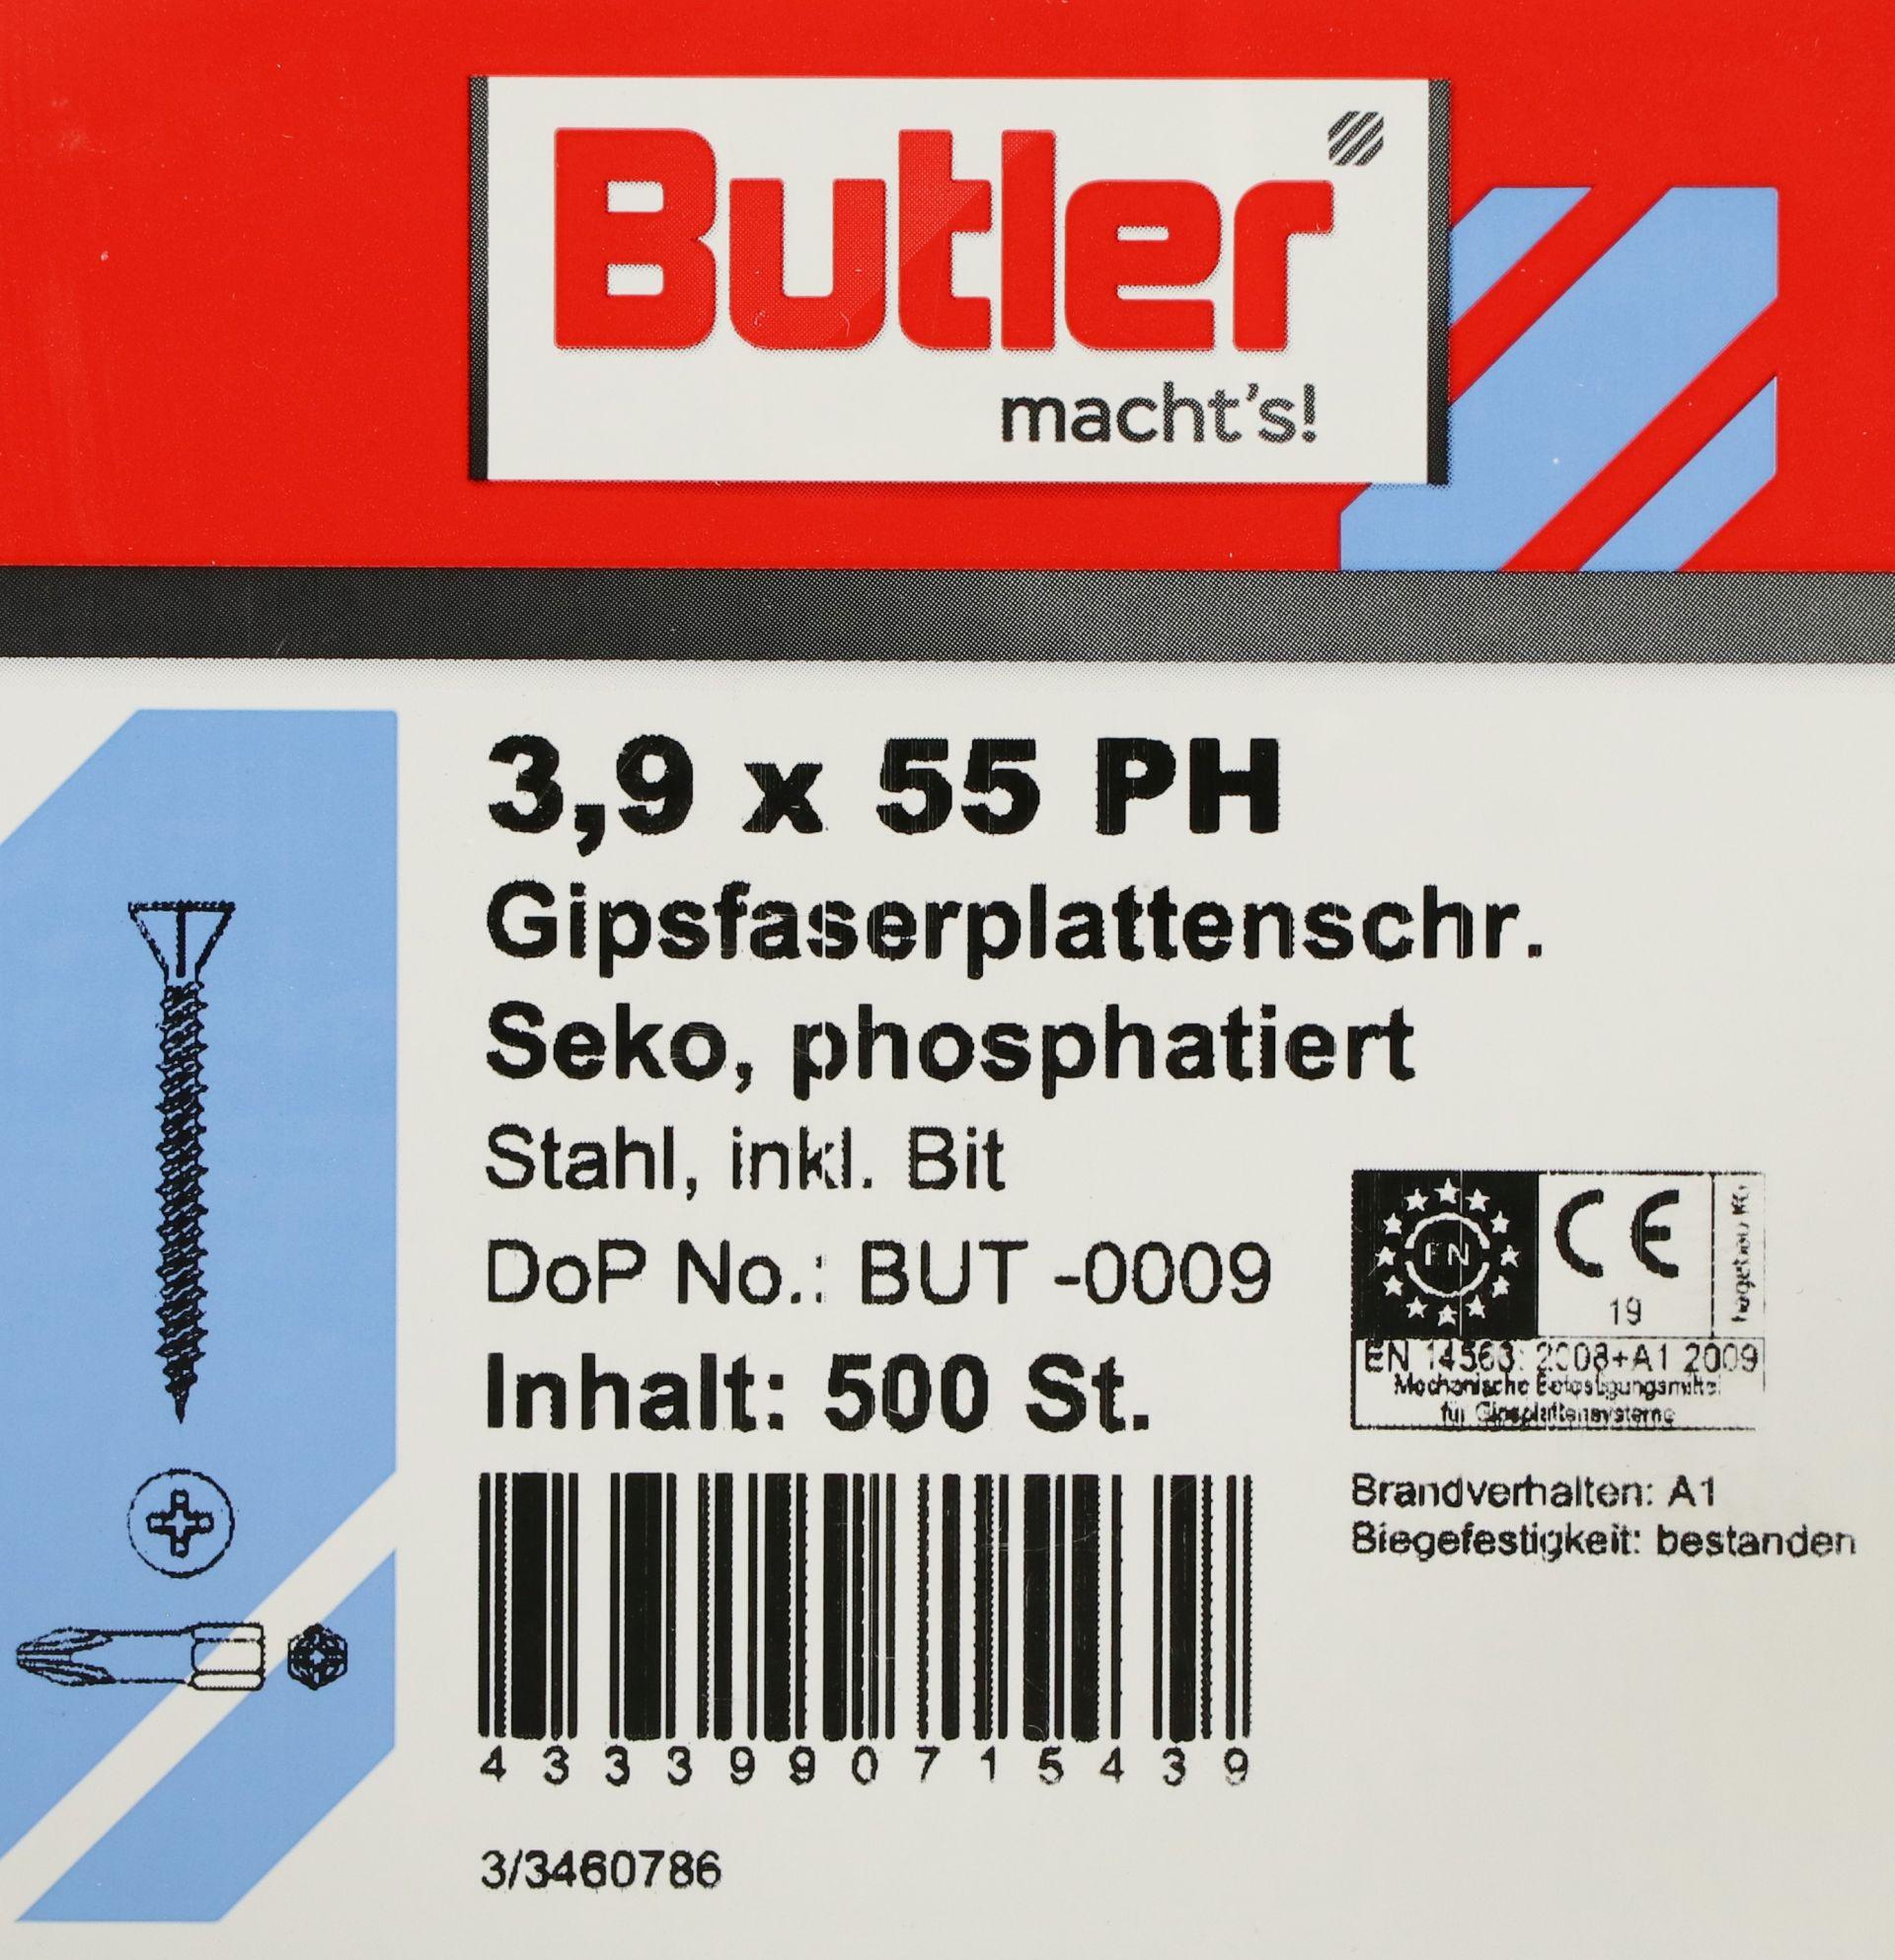 Butler macht's! Gipsfaserplattenschraube mit Bit, Stahl, Senkkopf, phosphatiert, 3,9 x 55 mm, 500 Stück